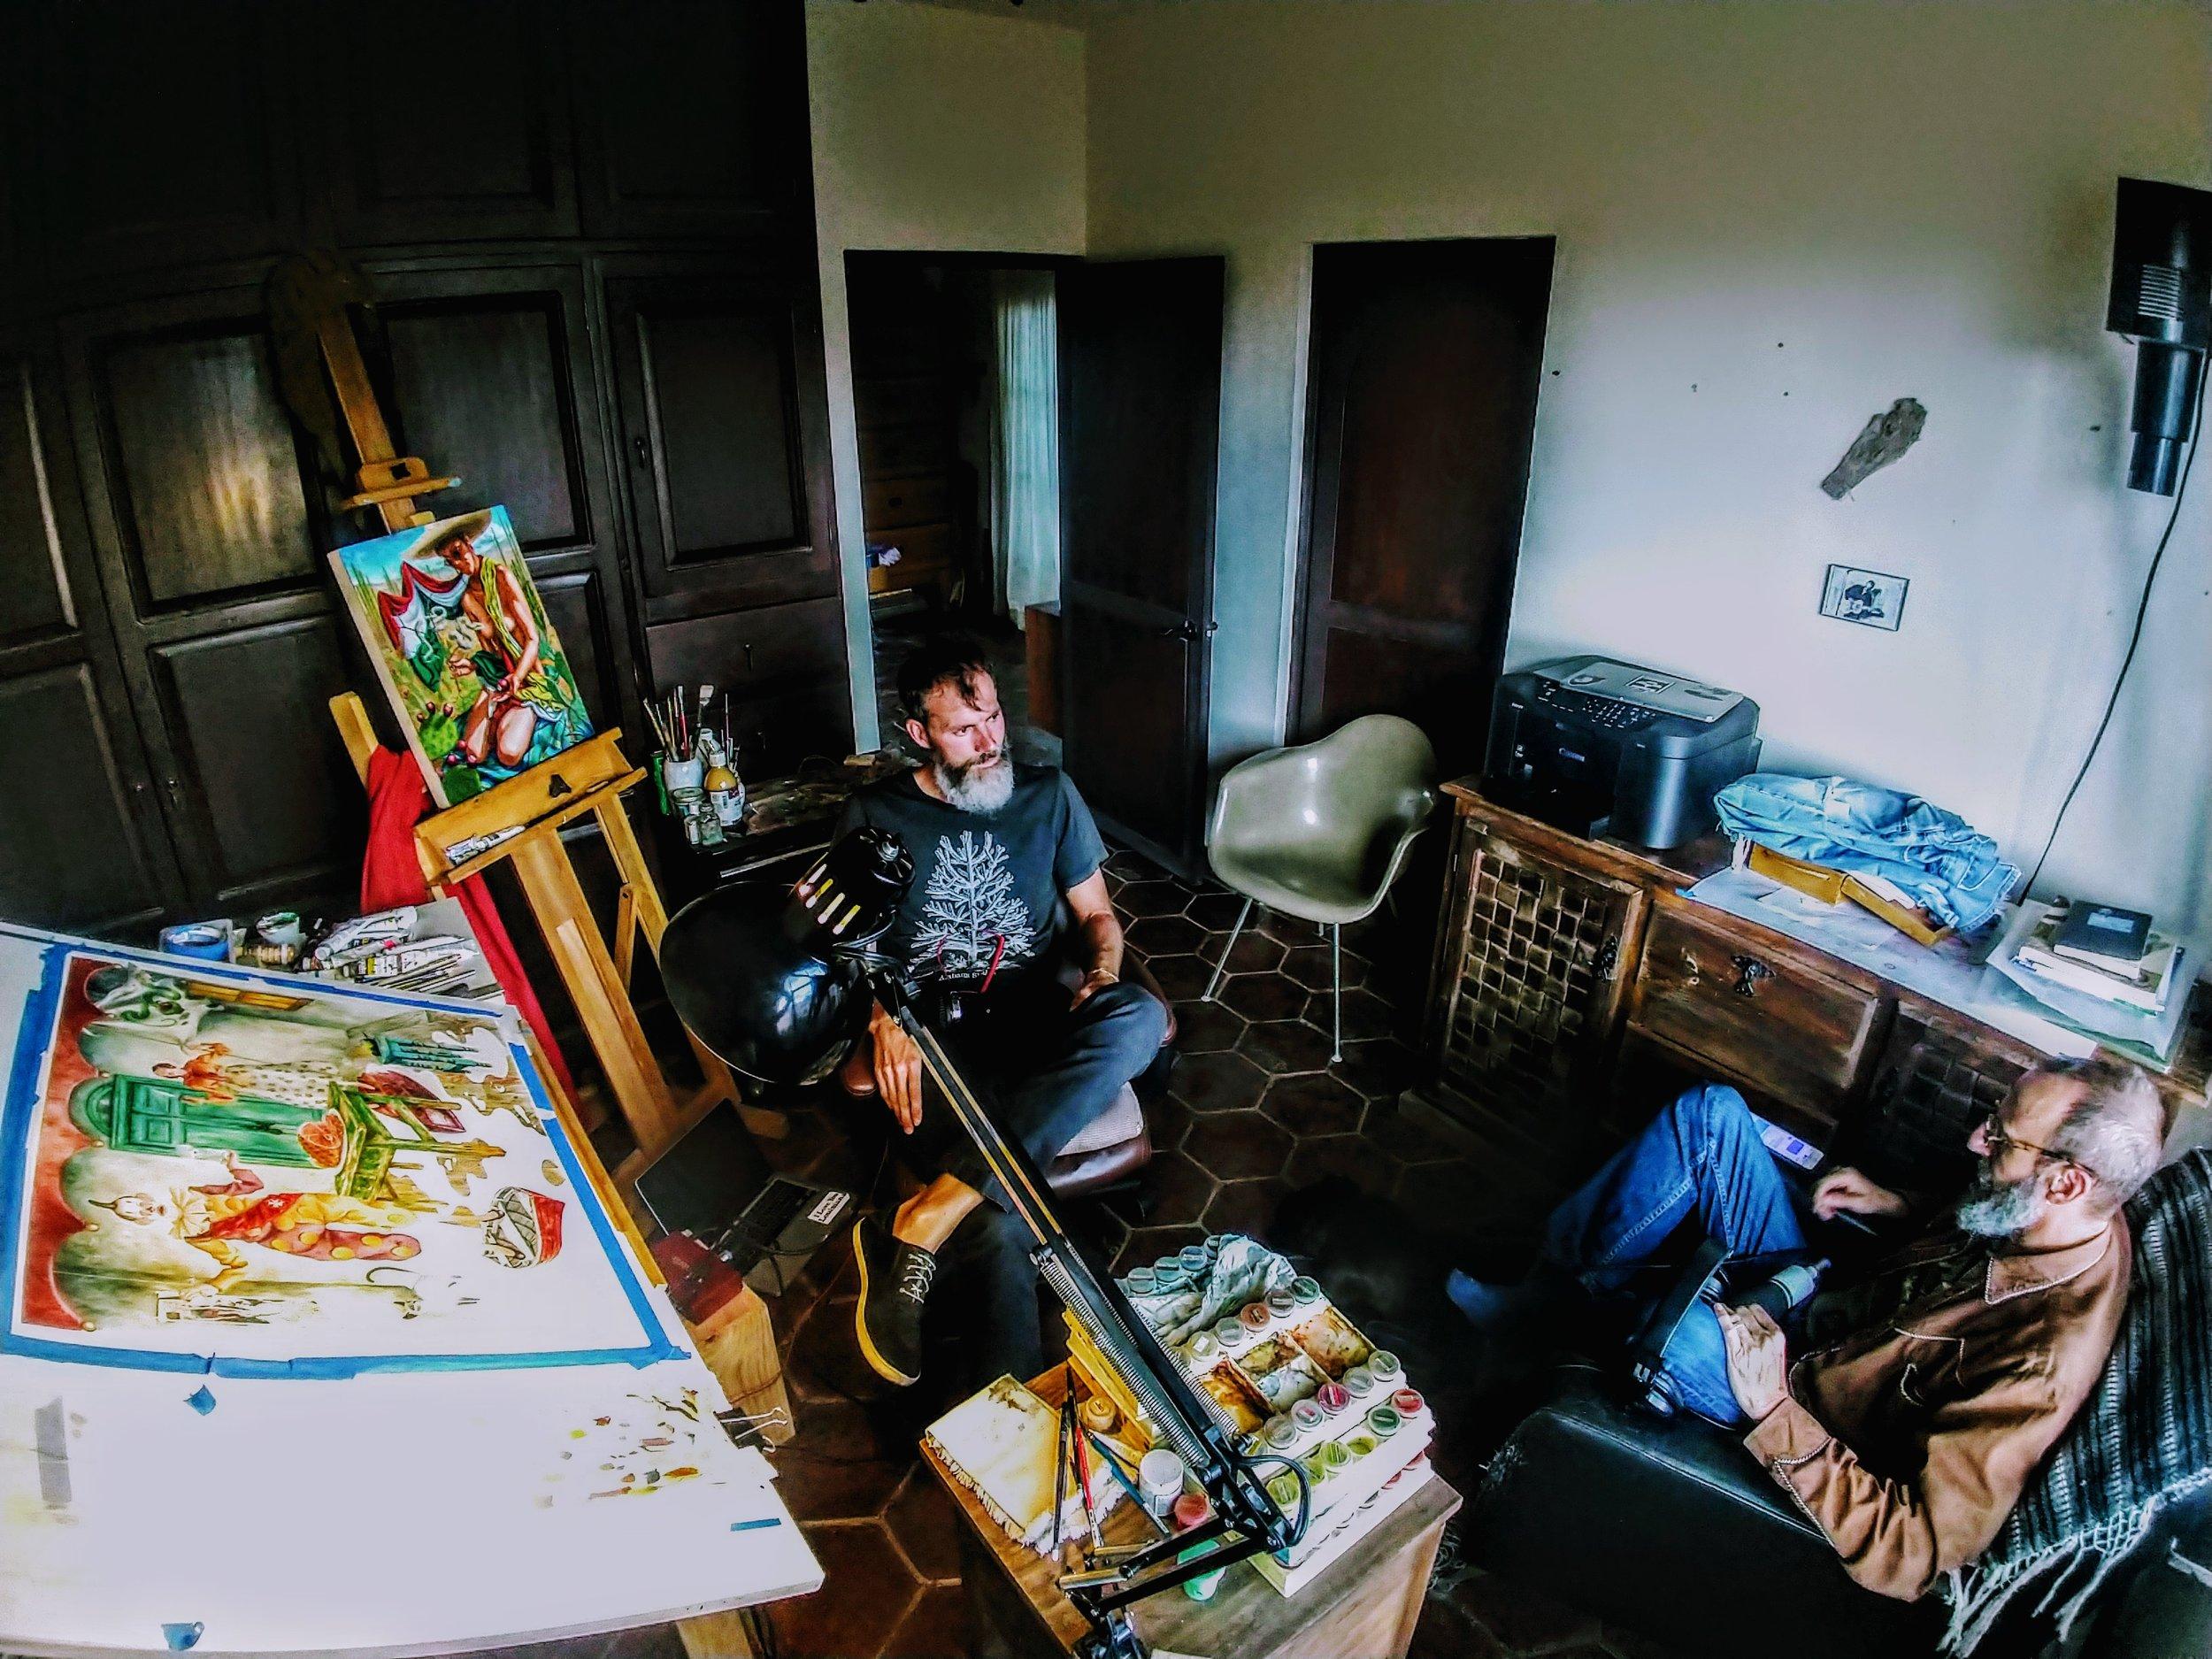 The painting studio in Dan Piraro's home - San Miguel De Allende.